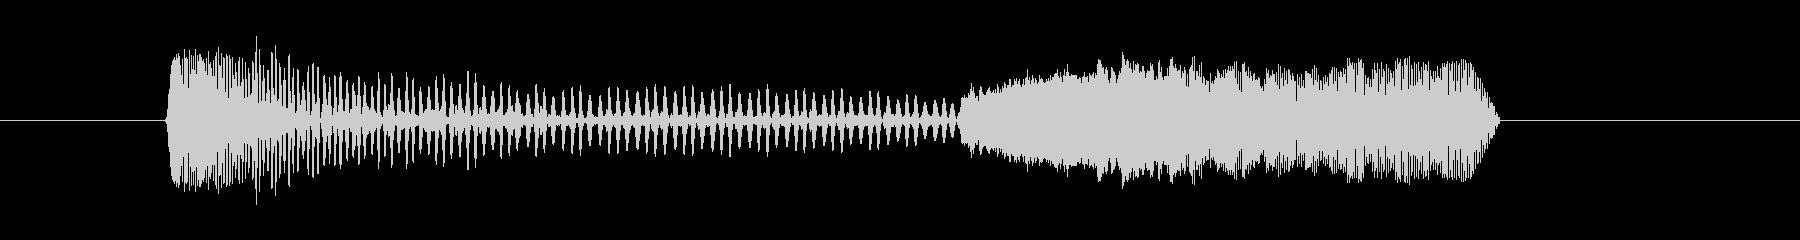 足音 コミカルなプニ プヨ プニョの未再生の波形